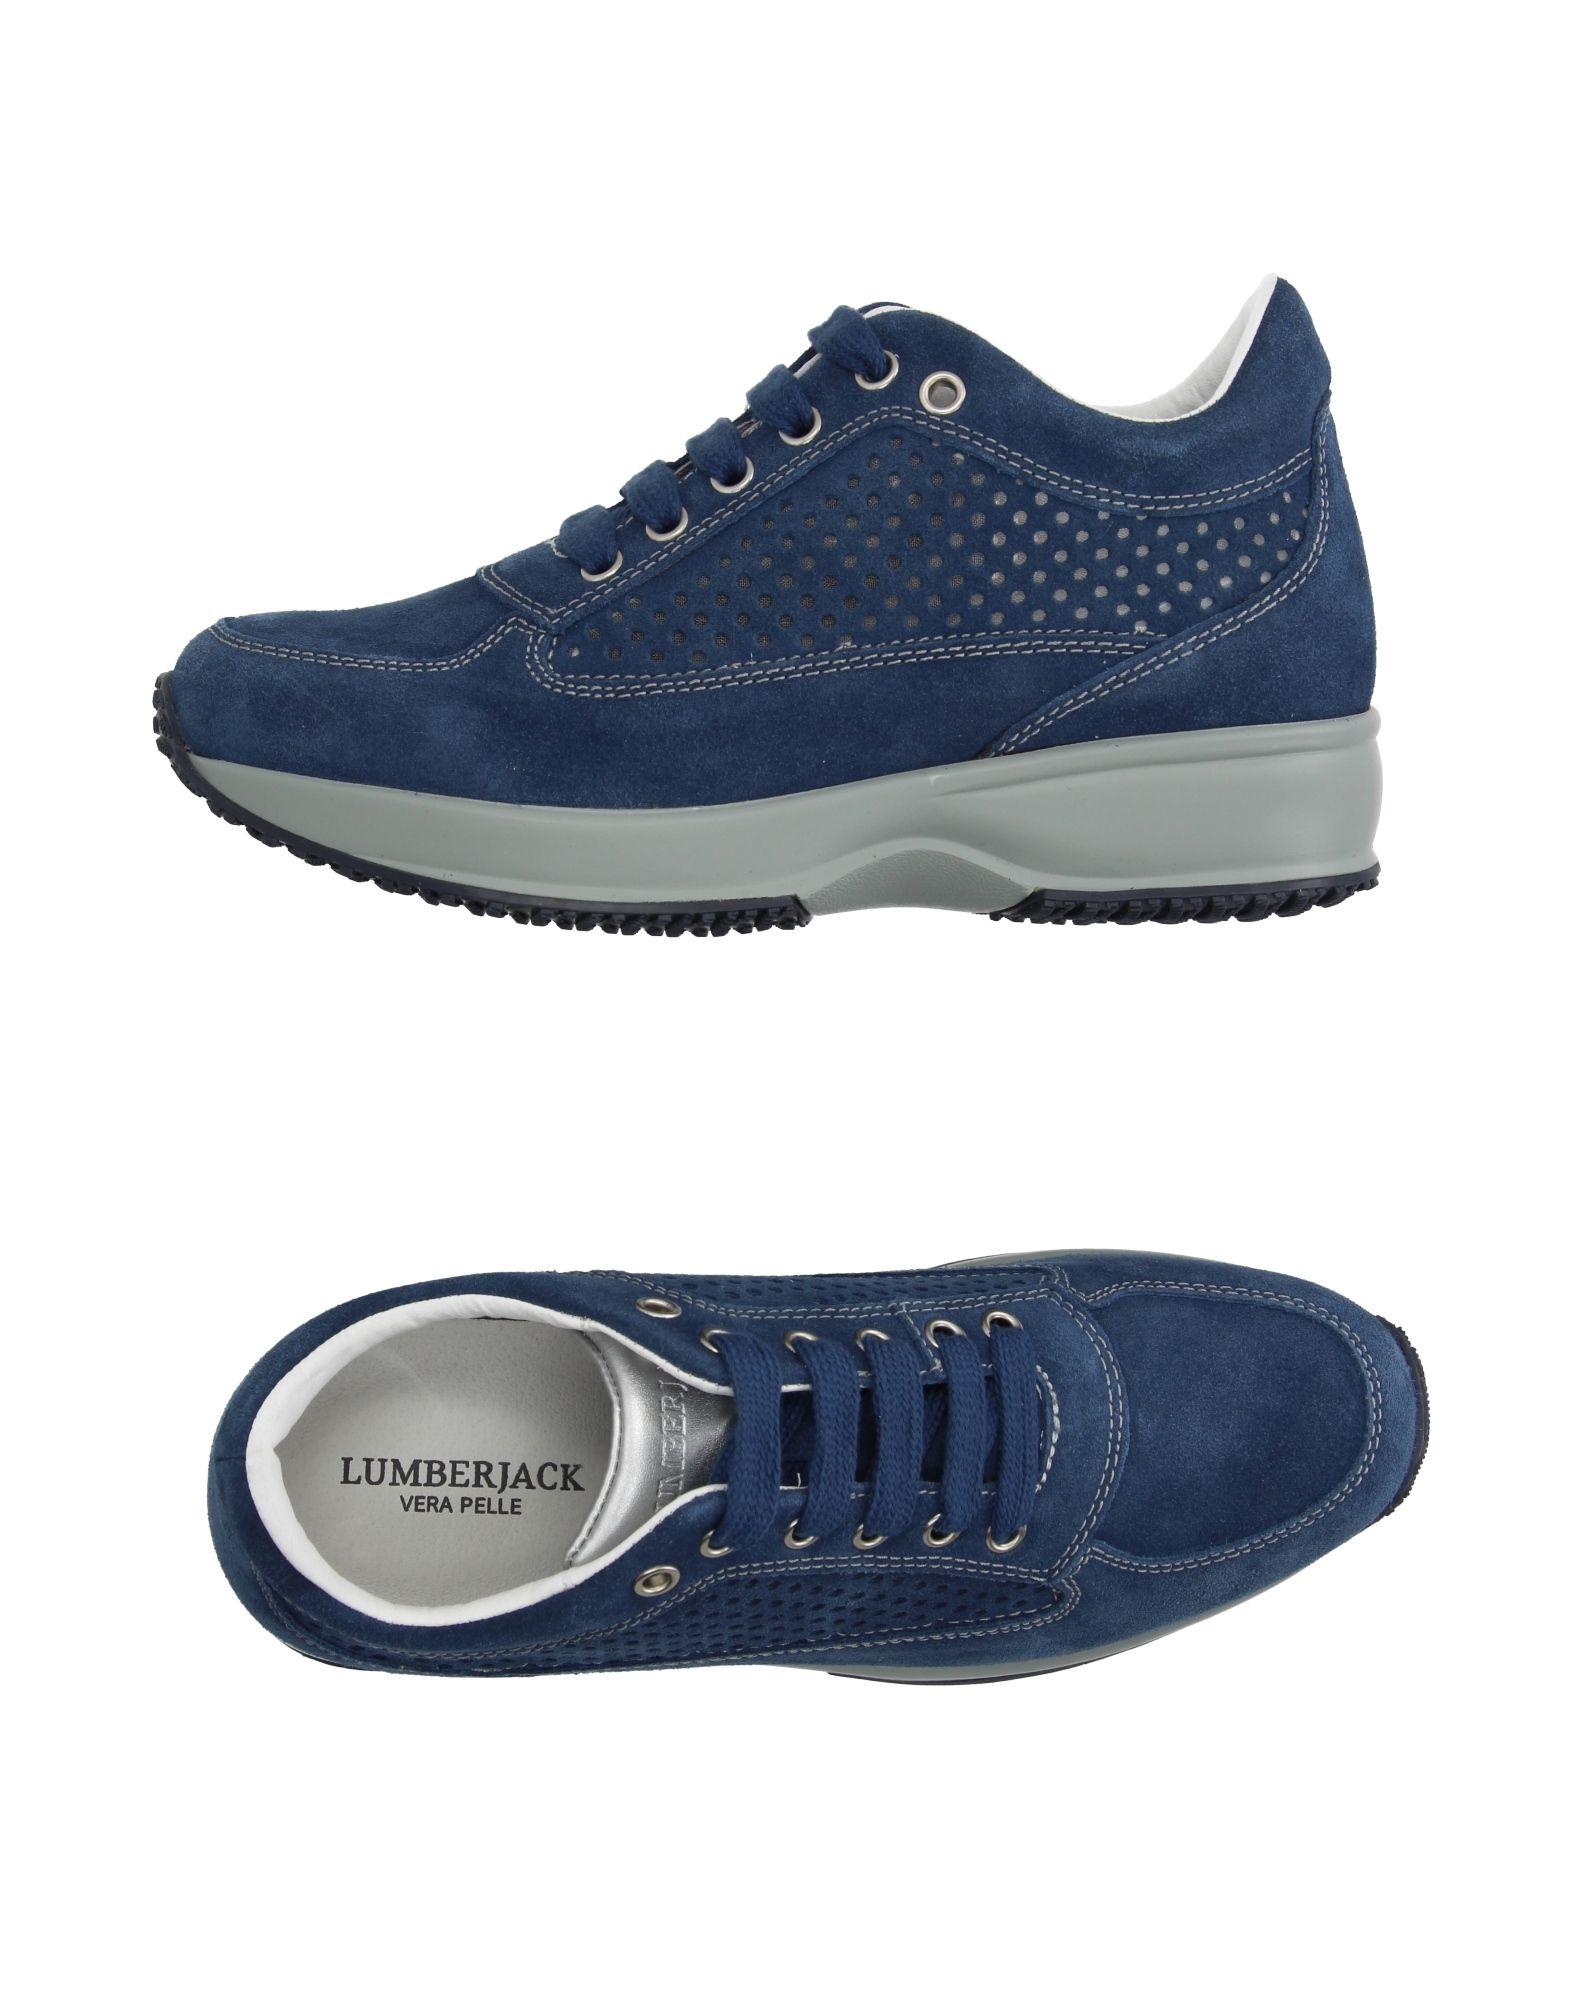 Lumberjack Sneakers Damen  Schuhe 11197923AT Gute Qualität beliebte Schuhe  cfa70a